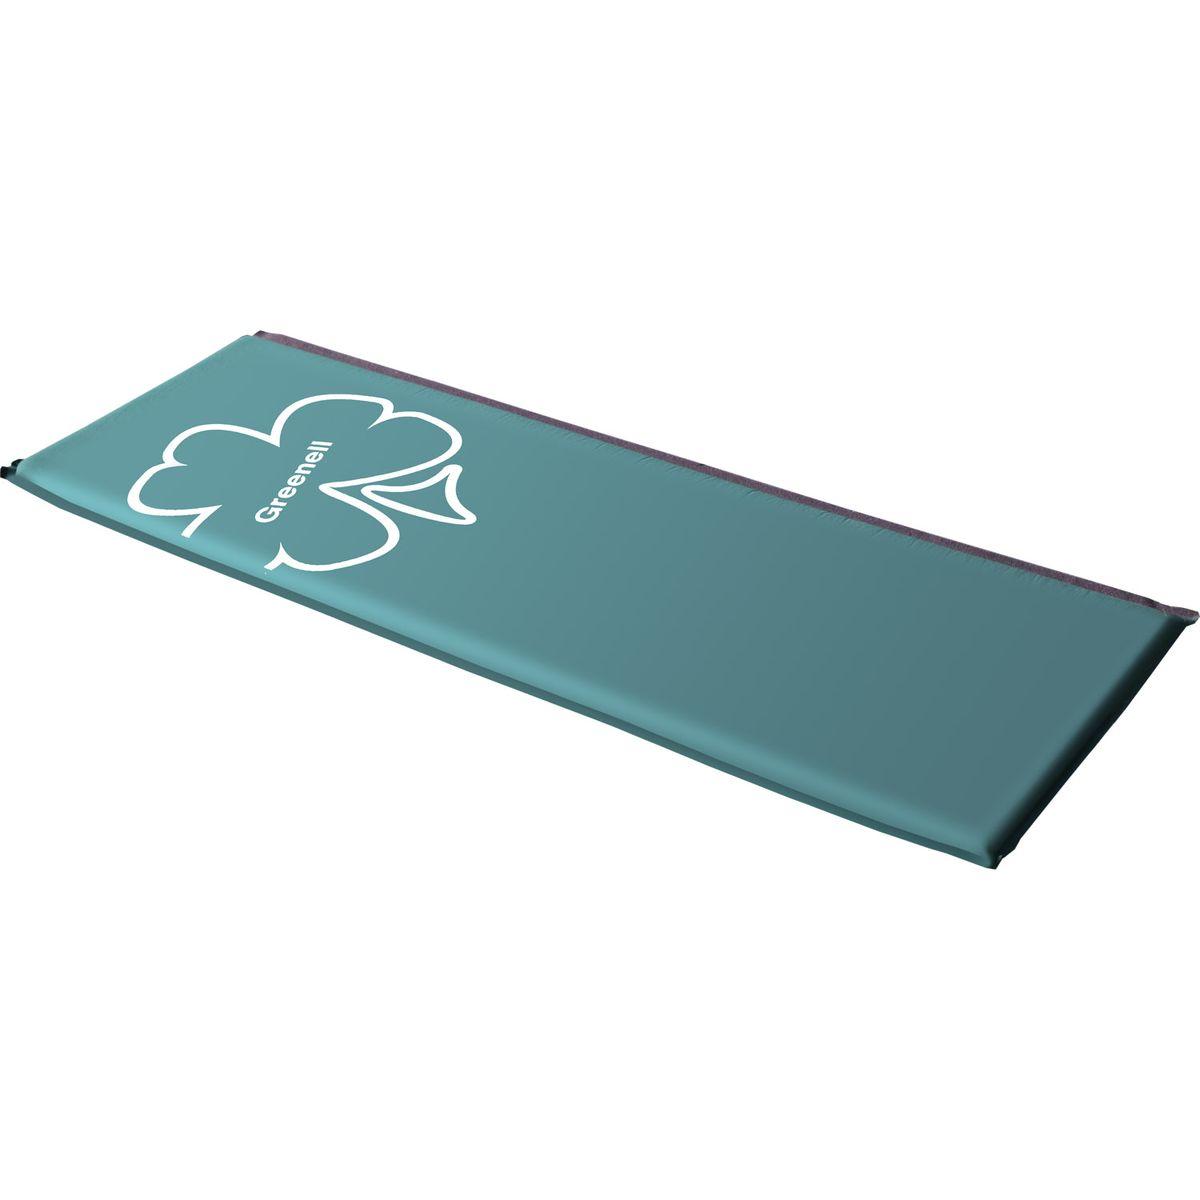 Коврик самонадувающийся Greenell Классик, цвет: зеленый, 198 см х 63 см х 5 смSPIRIT ED 1050Удобный самонадувающийся коврик Greenell Классик отлично подойдет для семейных выездов на природу. Можно использовать в походах и кемпинге. Коврик выполнен из прочного полиэстера, наполнитель - вспененный полиуретан 16 кг/м2. Два коврика можно состегнуть между собой с помощью липучки Velcro.